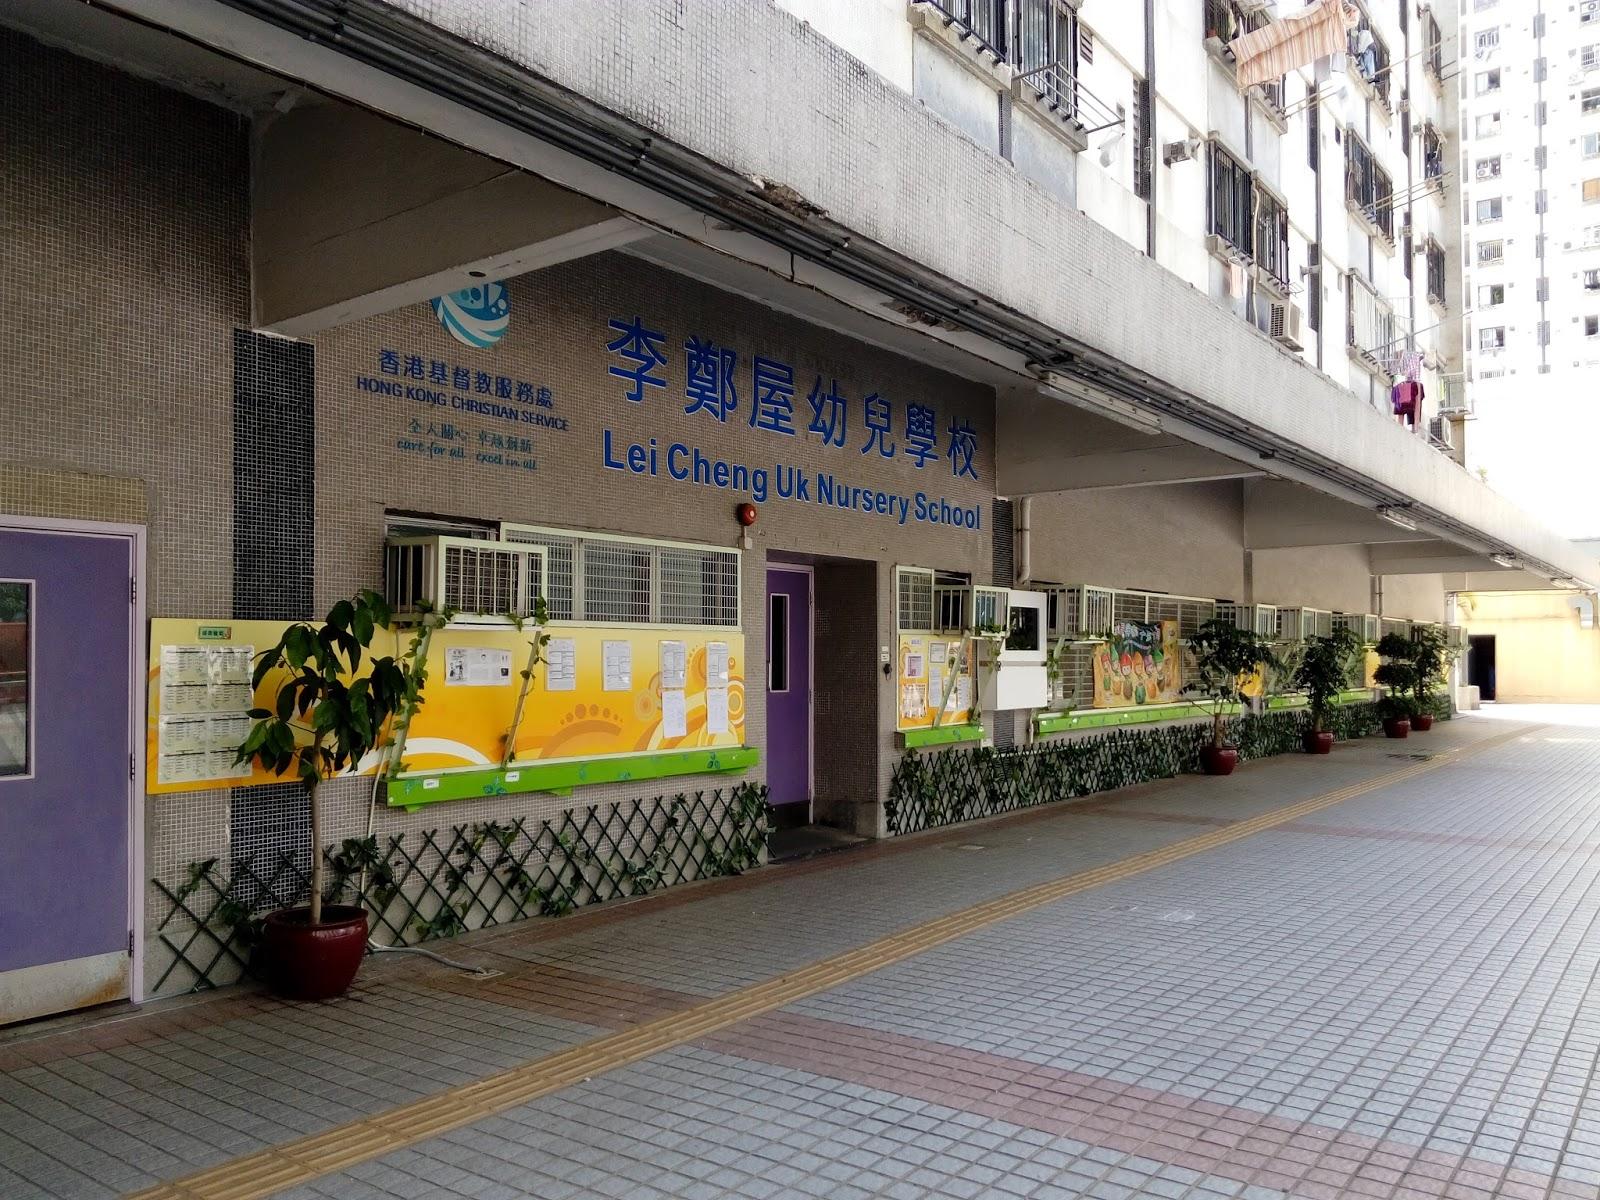 免費幼稚園 香港基督教服務處李鄭屋幼兒學校